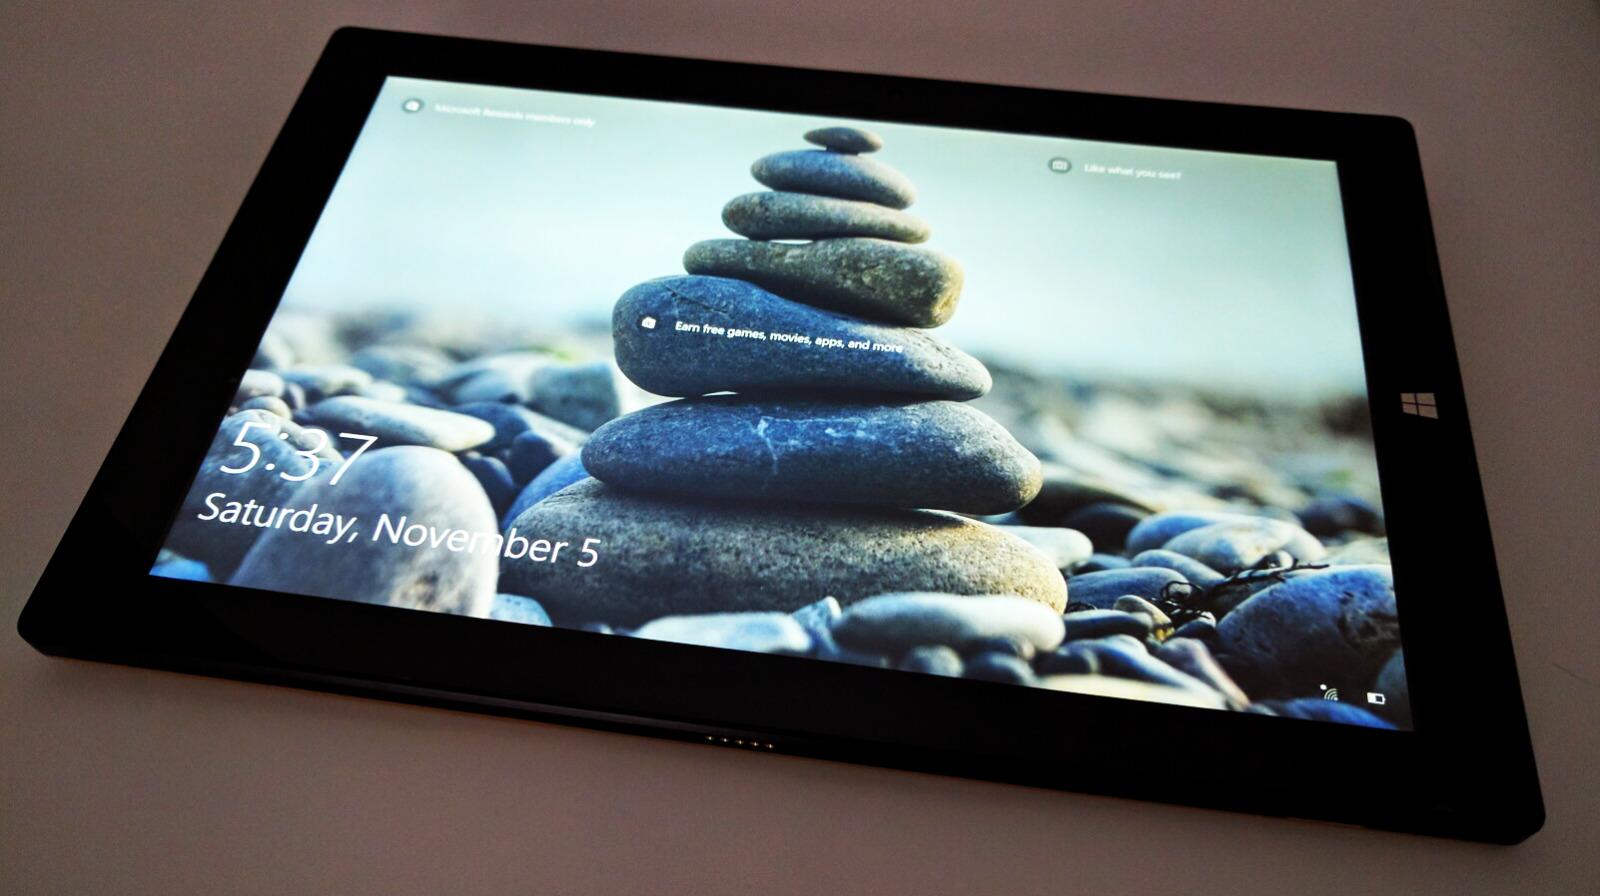 ONDA oBook 20 Plus Android 5.1 / Windows 10